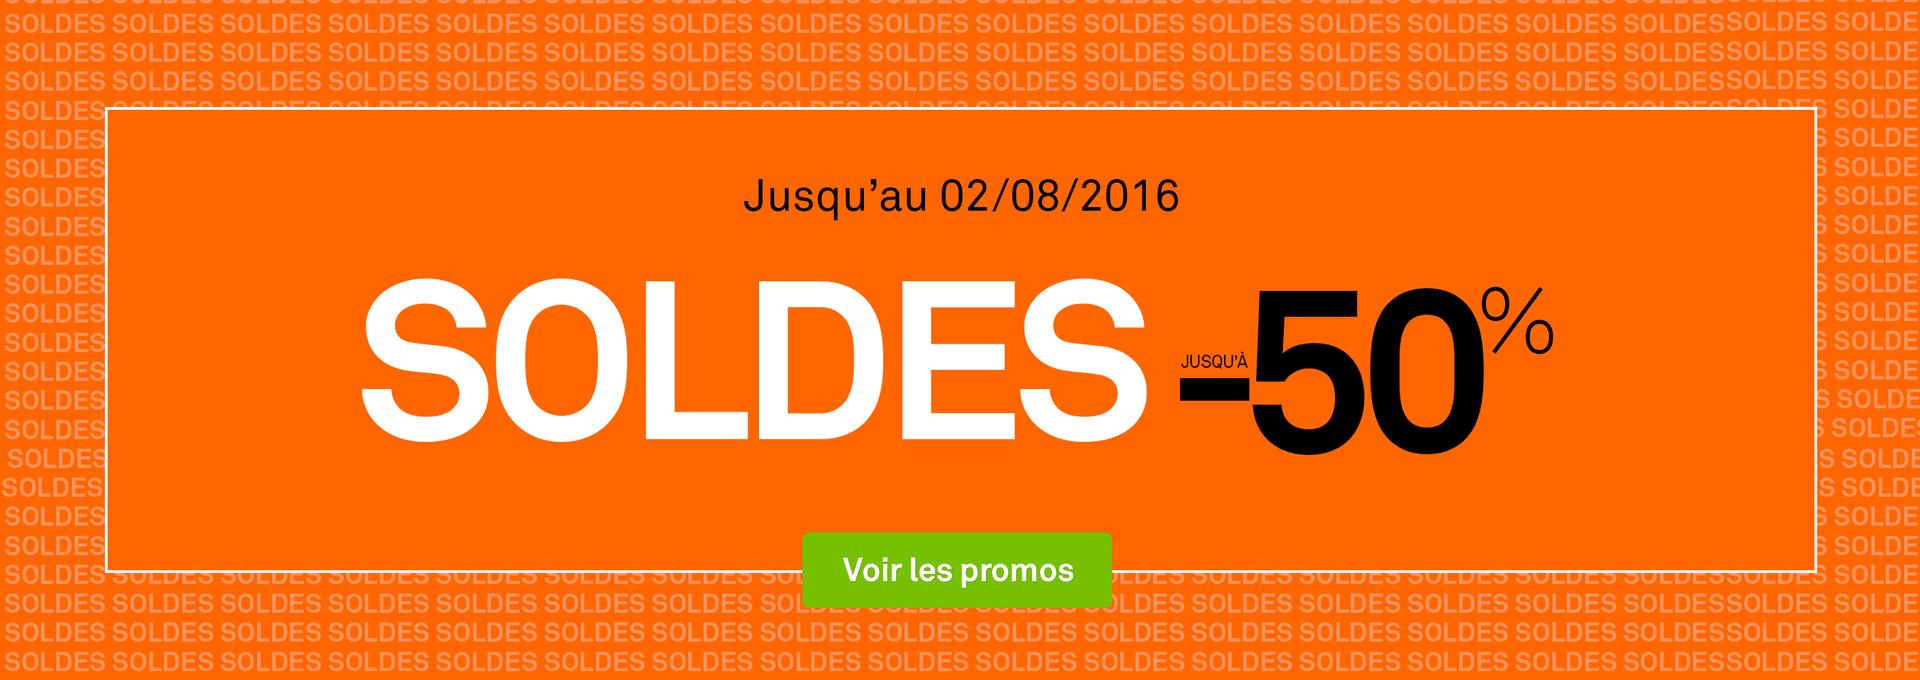 soldes-ete-2016